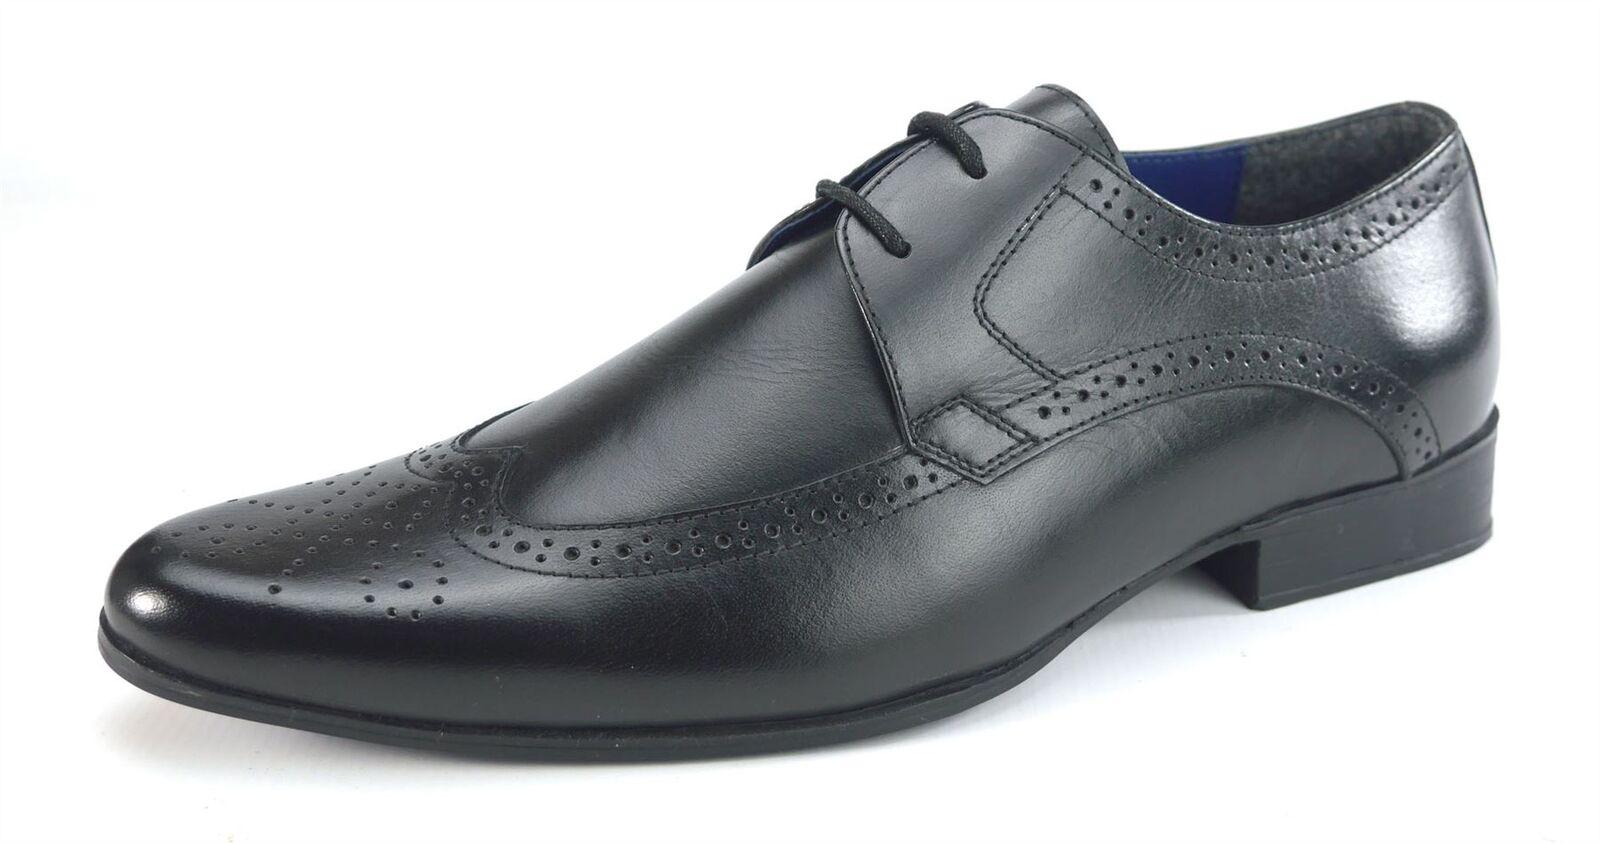 Frank à James Harlow Lacets en Cuir Homme Chaussures Richelieu à Frank bout pointu noir 4ee6f0